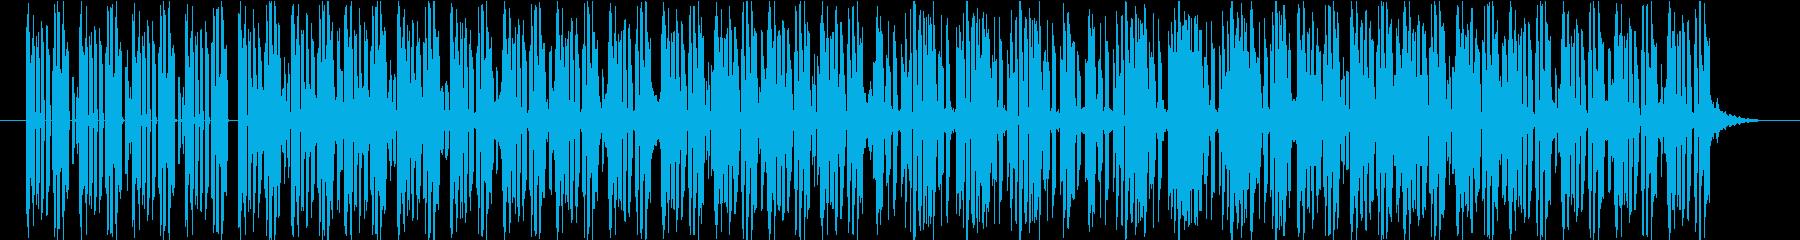 軽快でコミカルなエレクトロミュージックの再生済みの波形